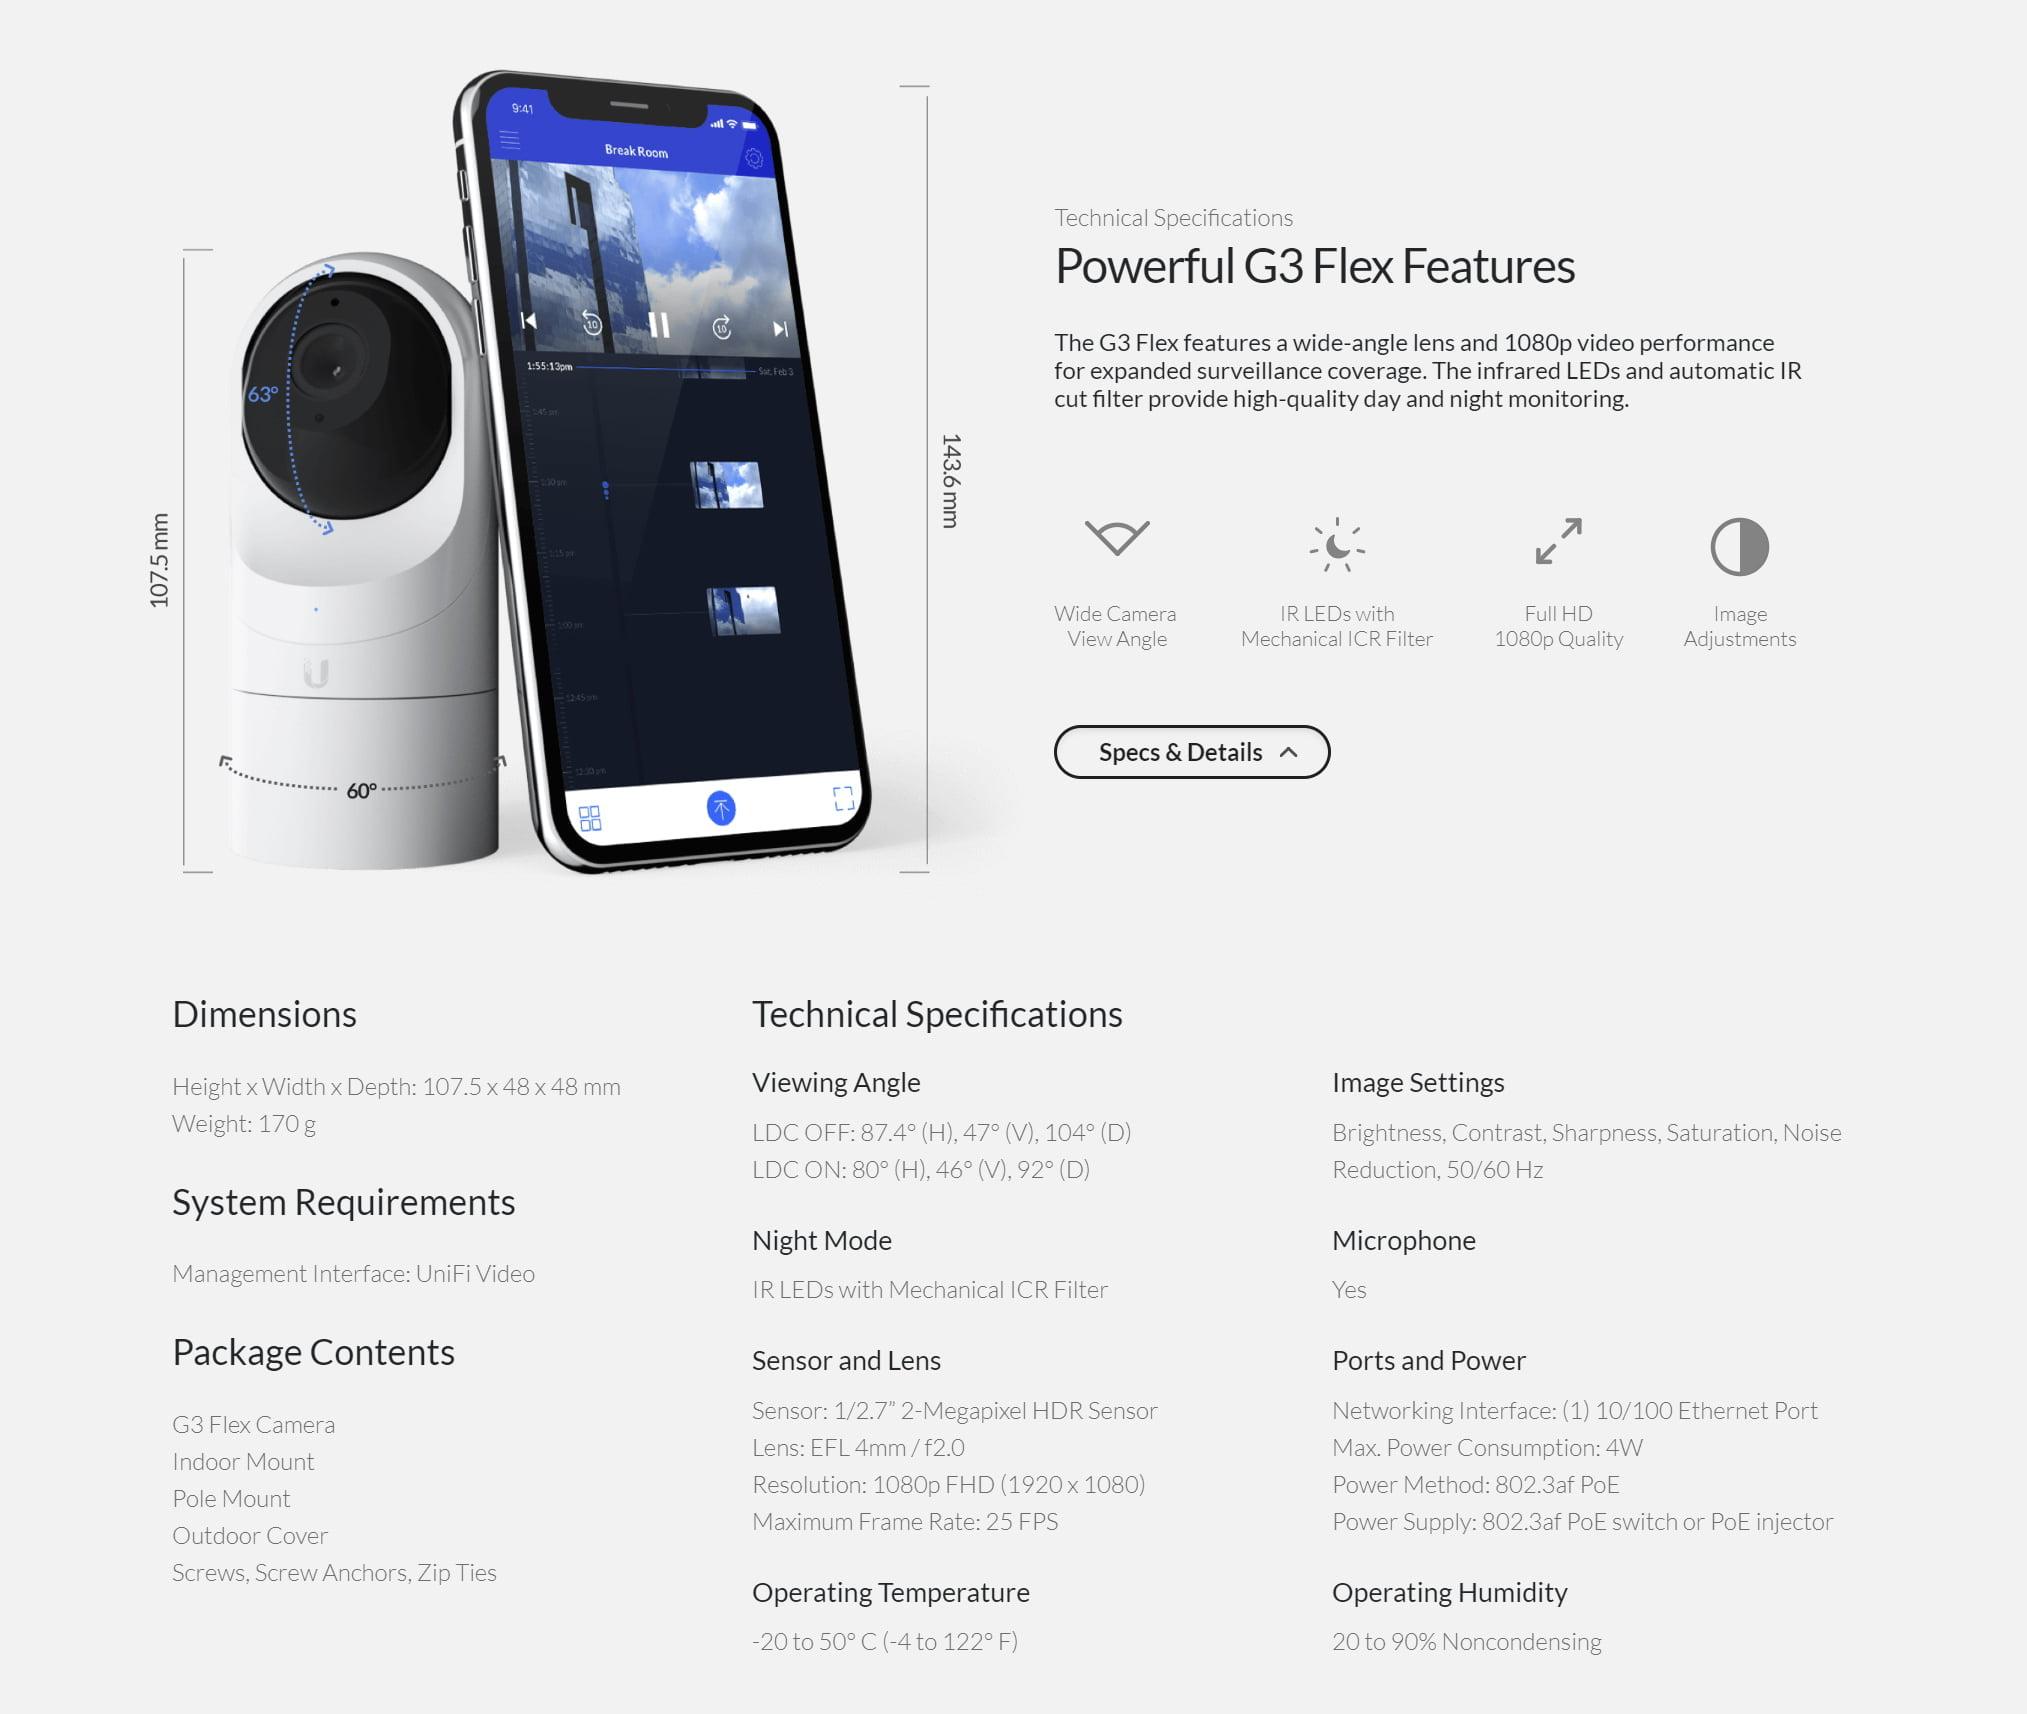 UniFi Video G3-FLEX Camera 室內外型 1080P 網路攝影機 12